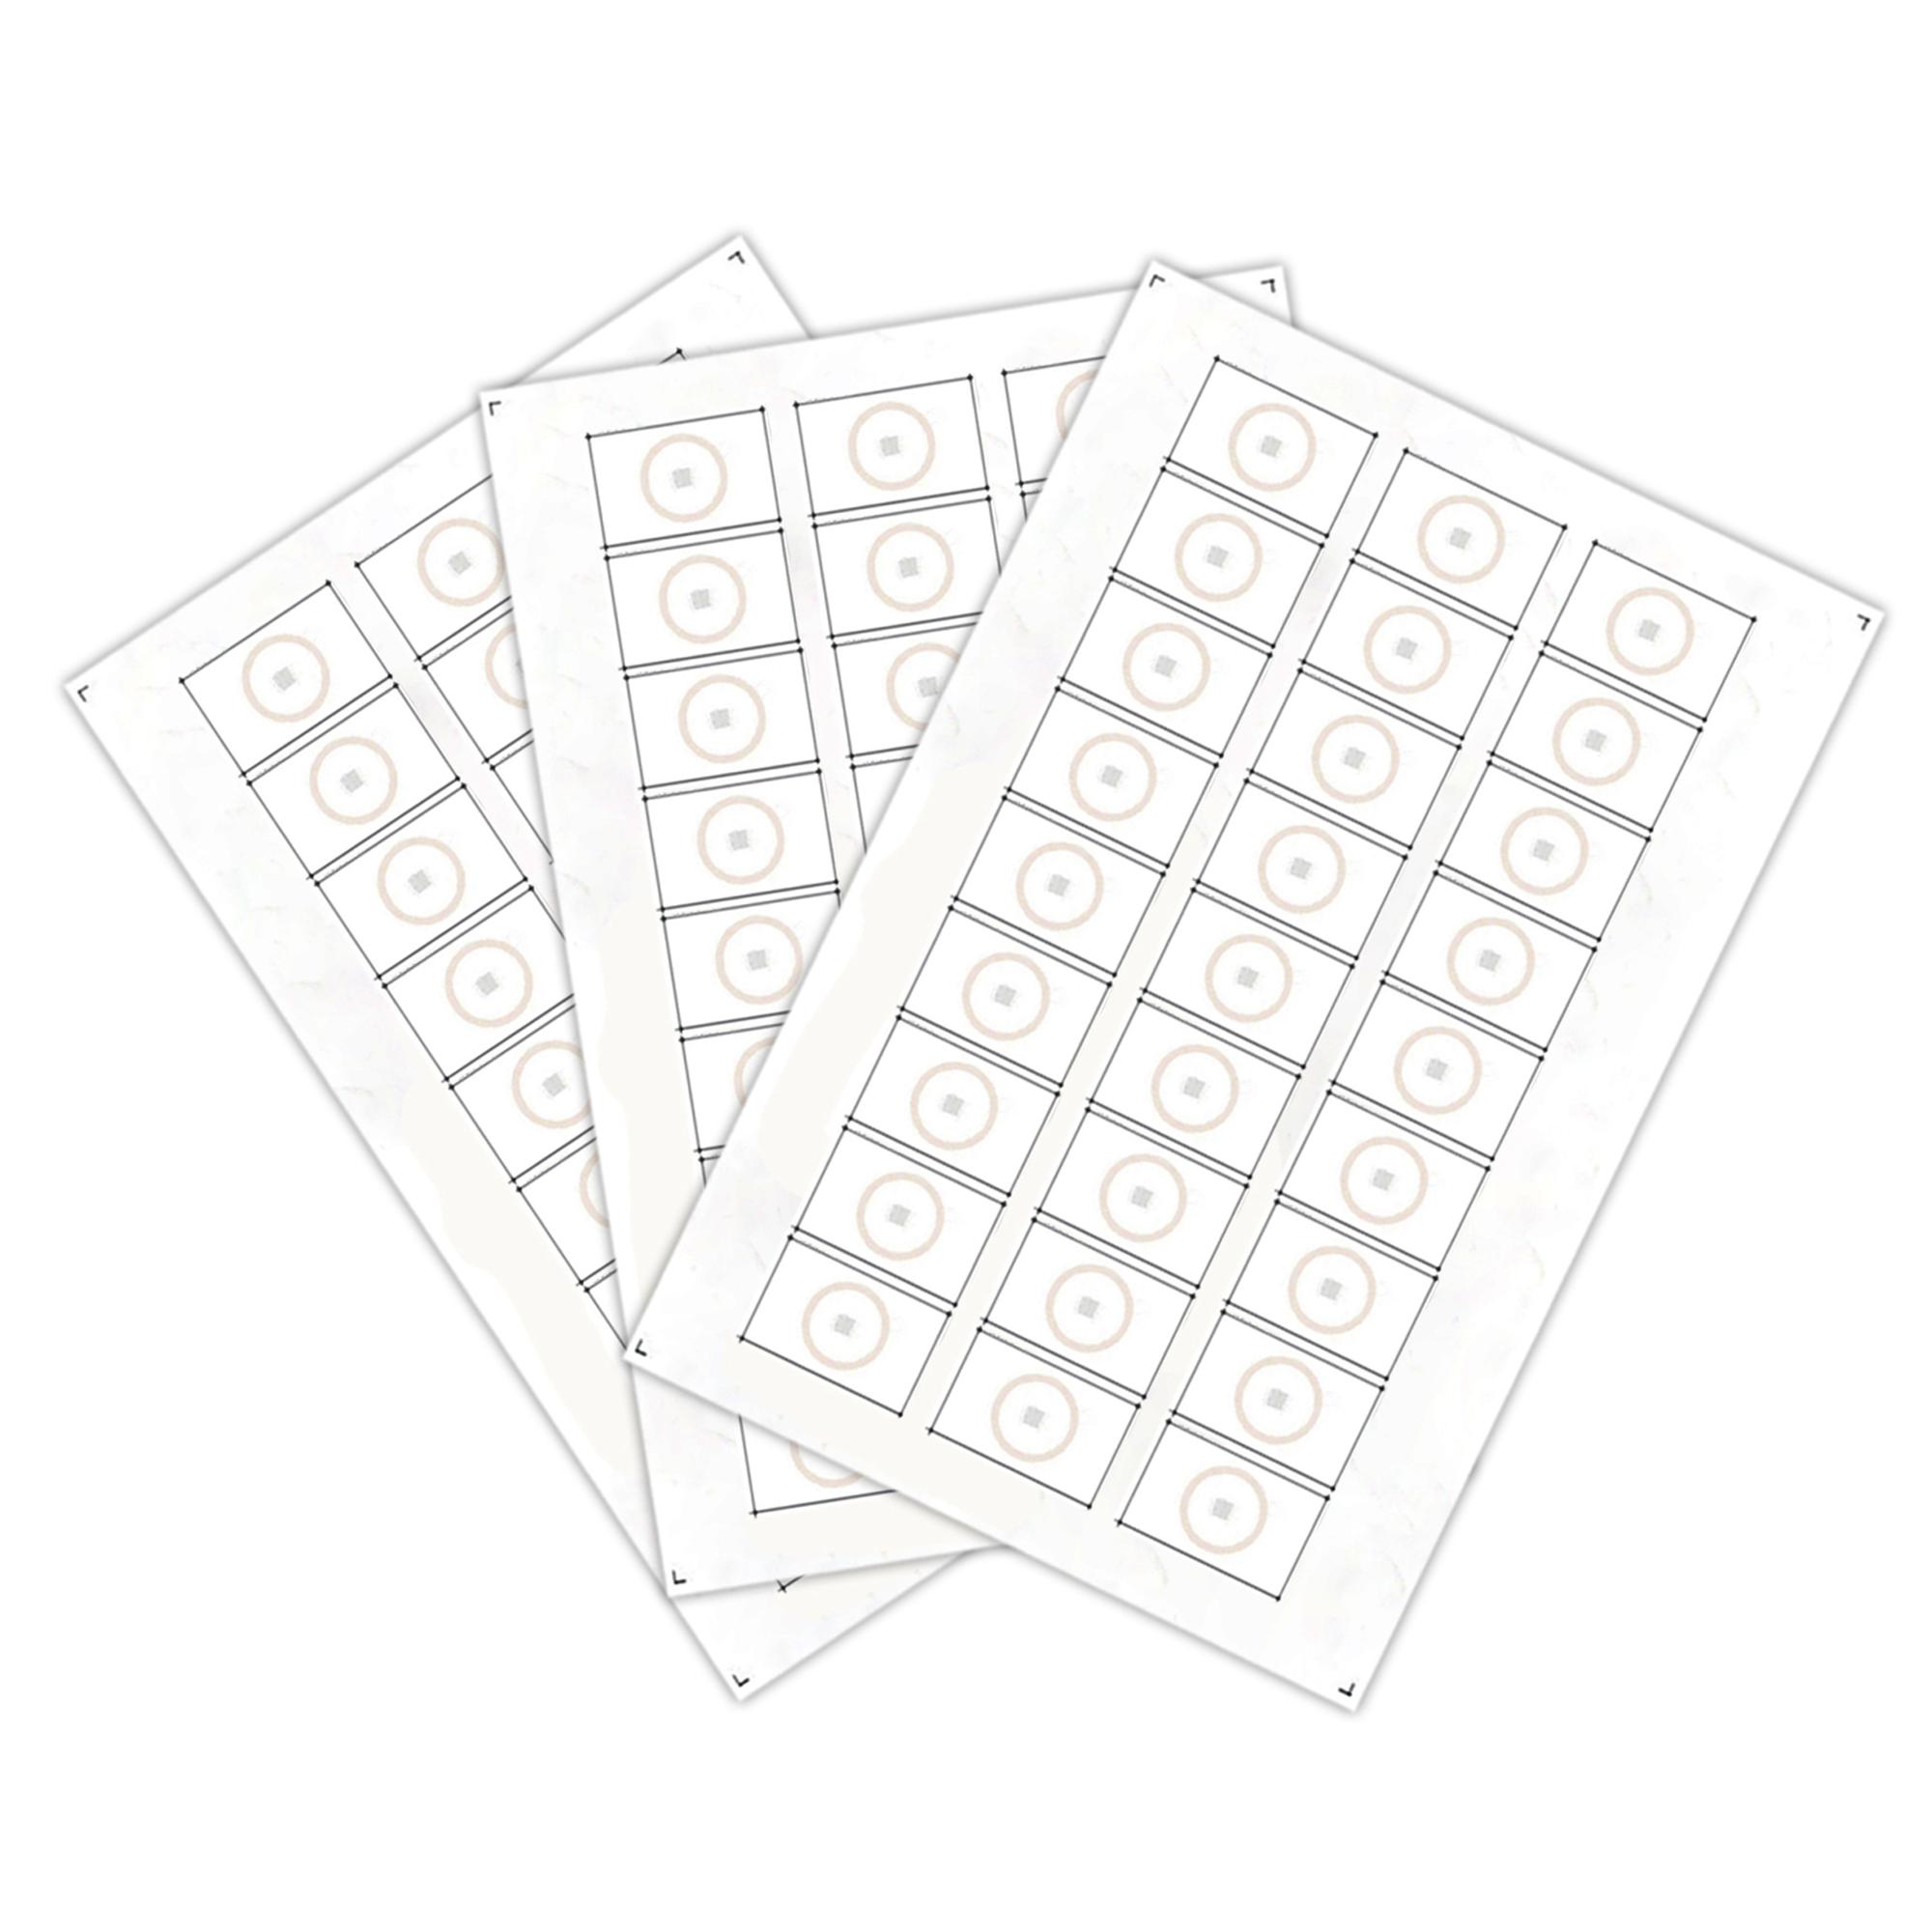 Mifare Ultralight C сырье (инлей) для производства бесконтактных пластиковых rfid-карт с чипом (24 чипов на листе формата A4)